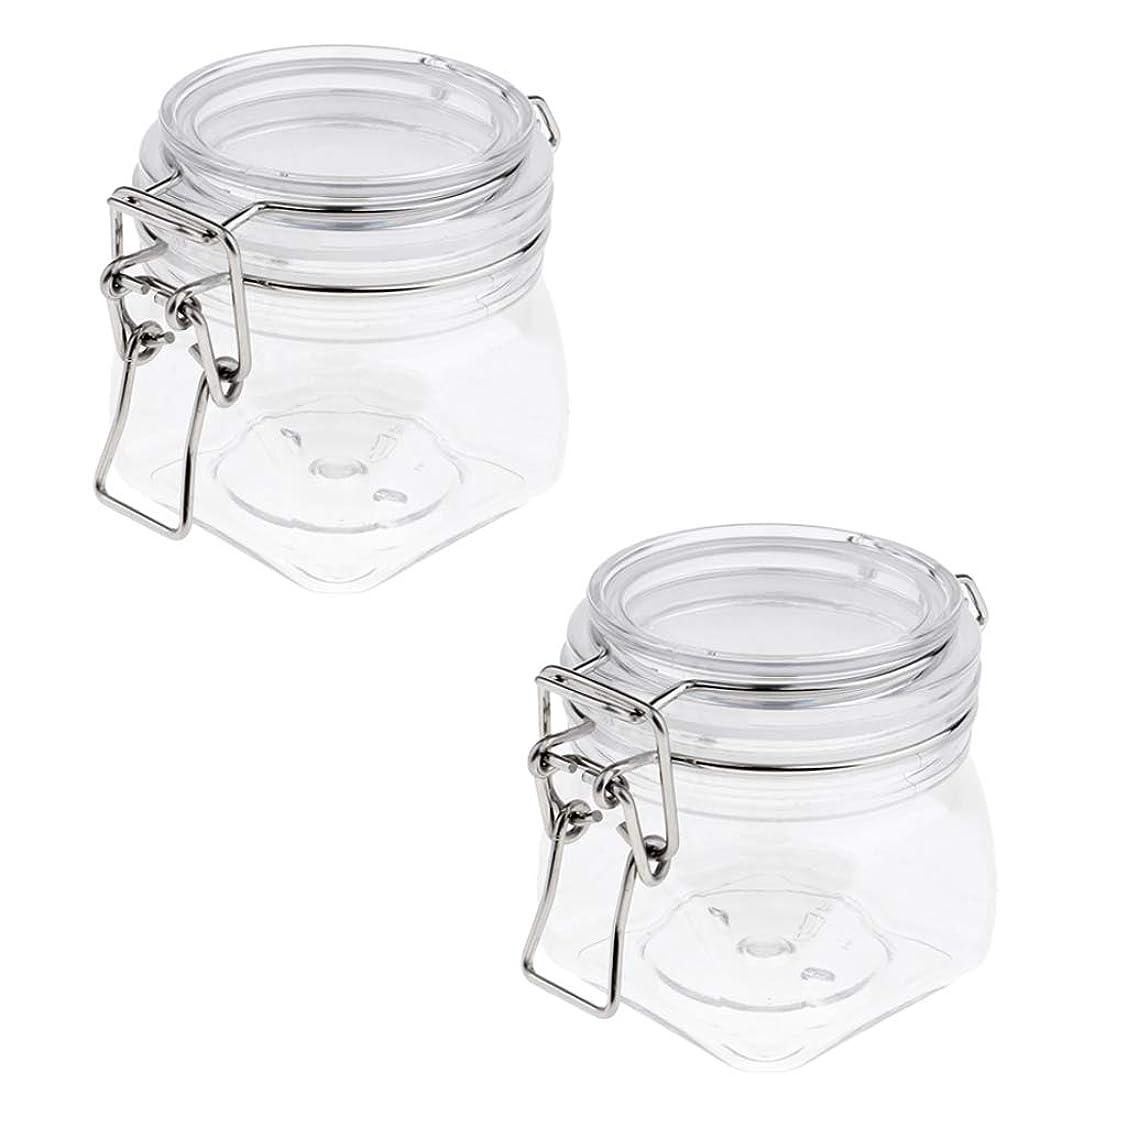 より平らな苦しむ継続中SM SunniMix 密閉瓶 プラスチック 化粧品容器 クリーム 約250ml コンテナ ジャー シリコンシールリング